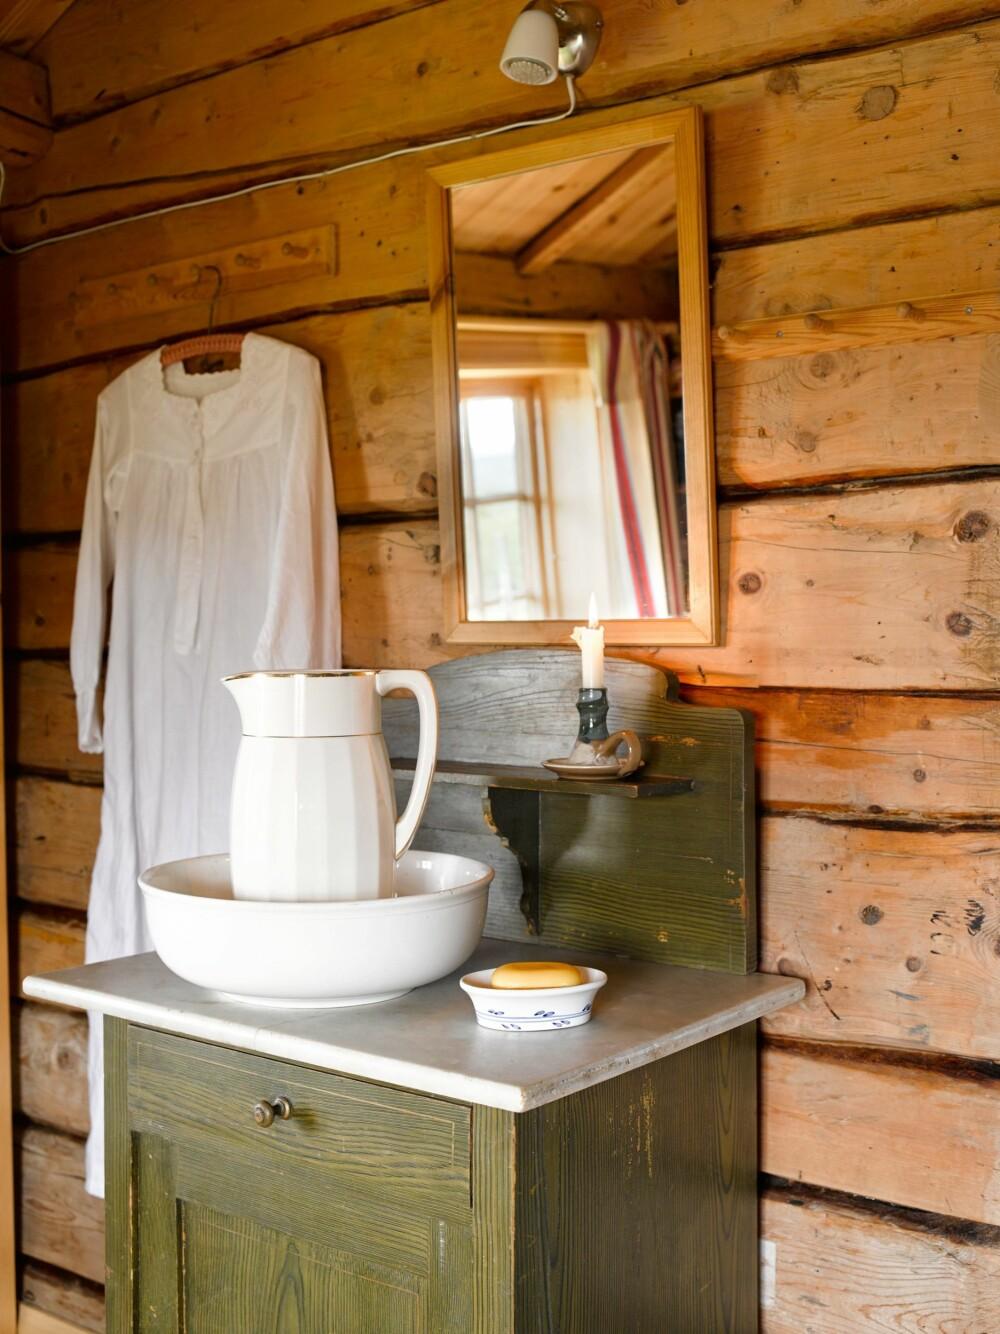 HYGGELIG ATMOSFÆRE: På soverommet står det et vaskevannsfat, og ved siden av henger bestemors nattskjorte fra 1800-tallet.